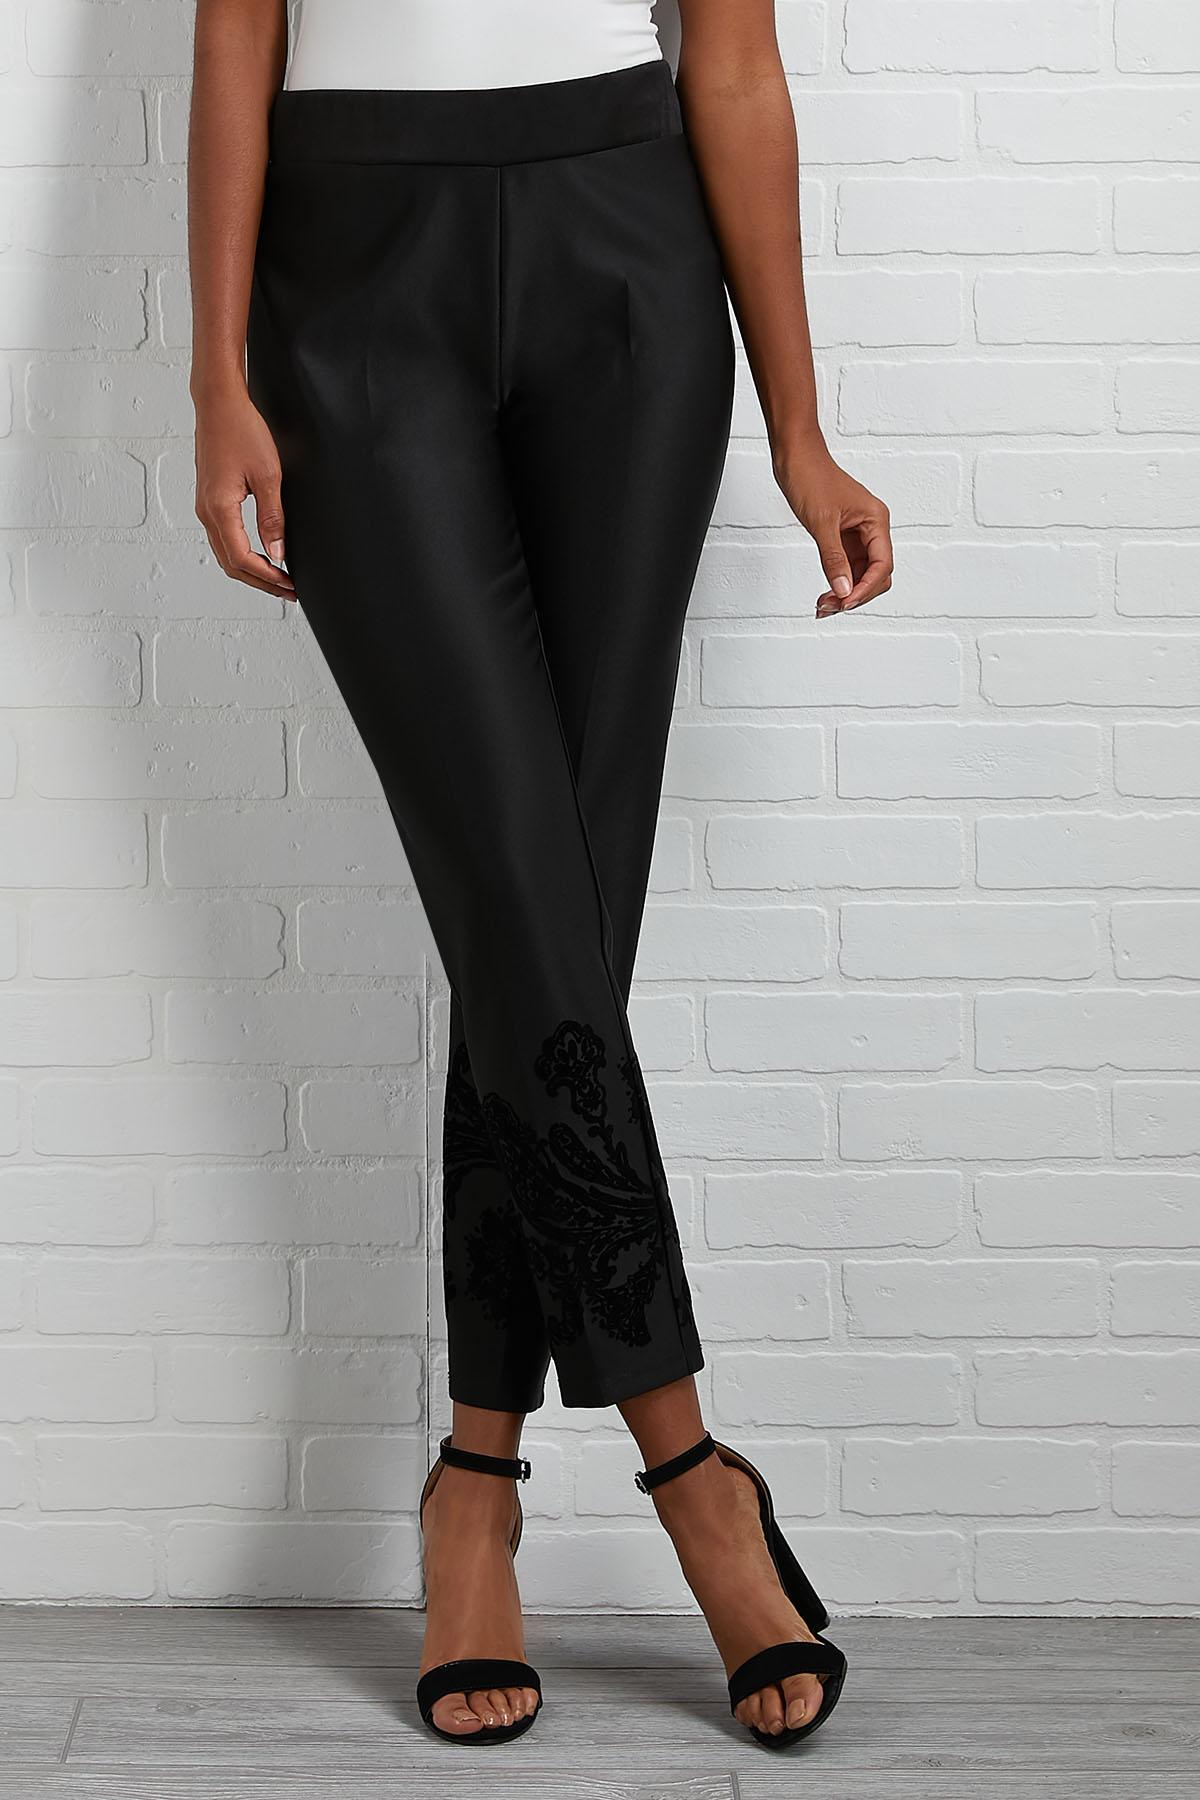 Flocked Black Pants